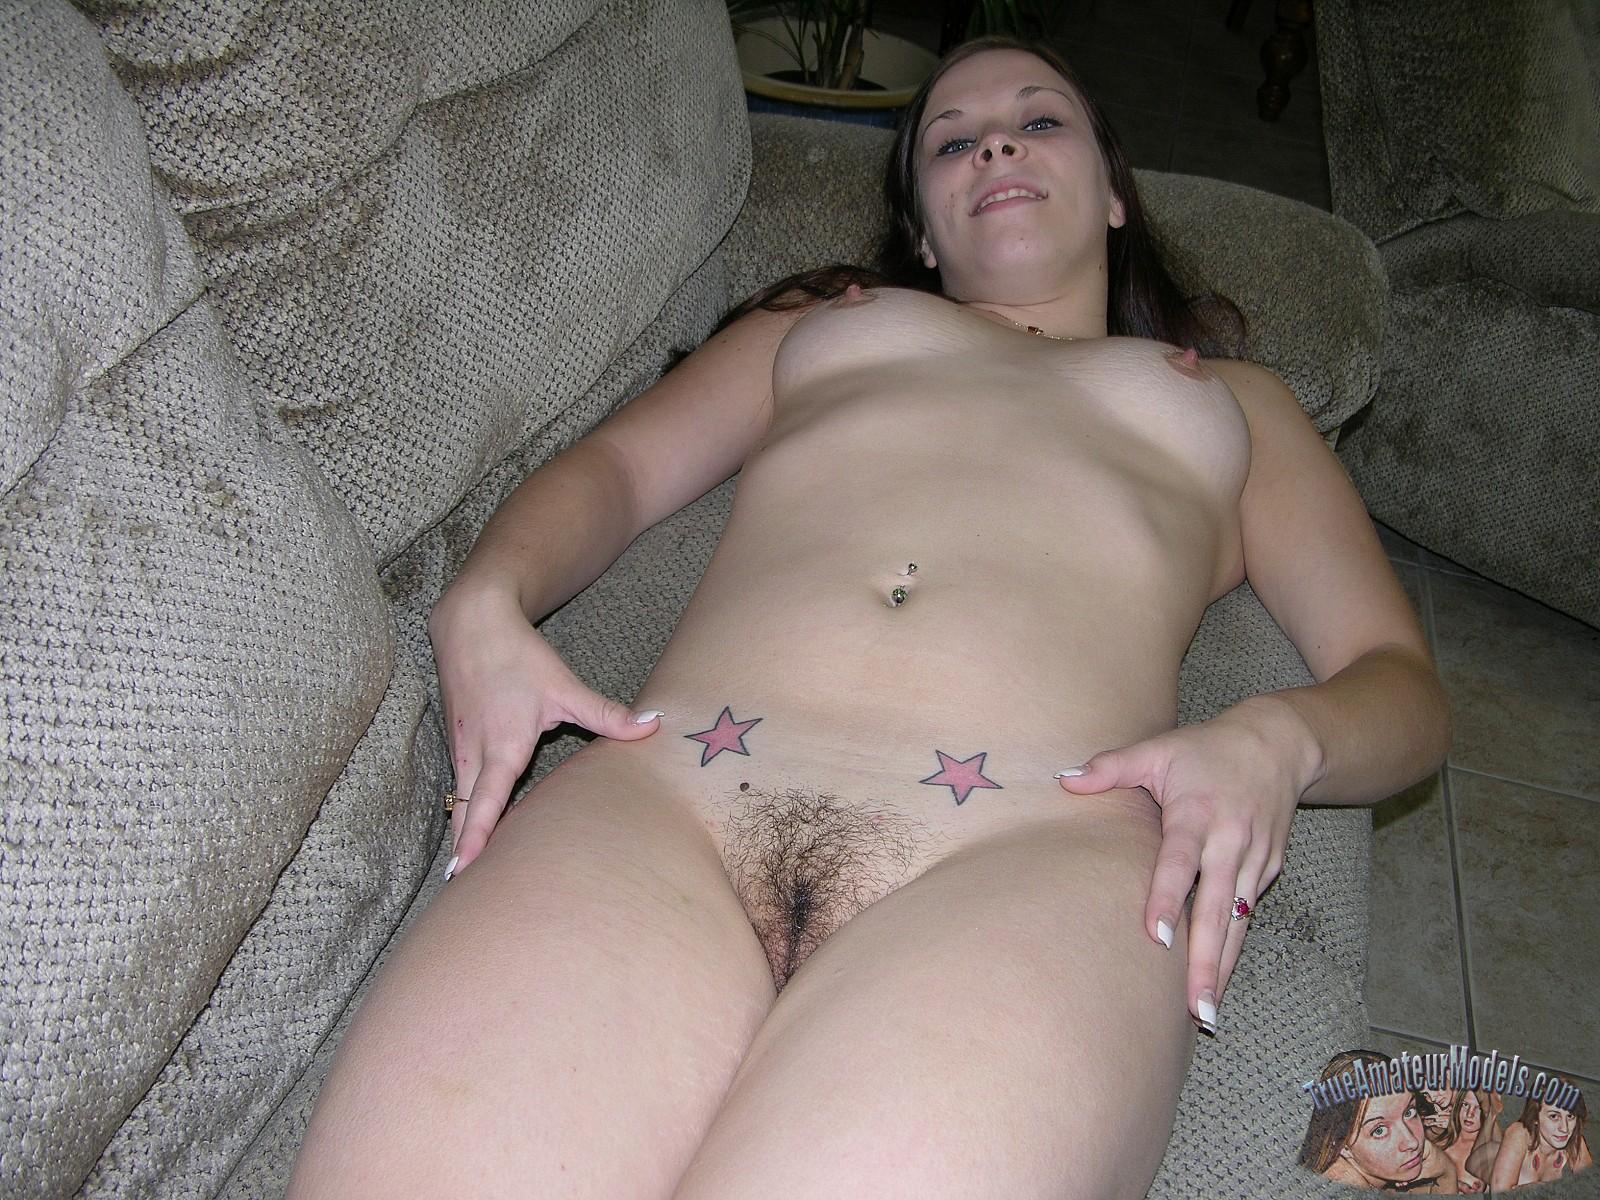 Ariane cassidy erotic red pleasure - 3 part 6